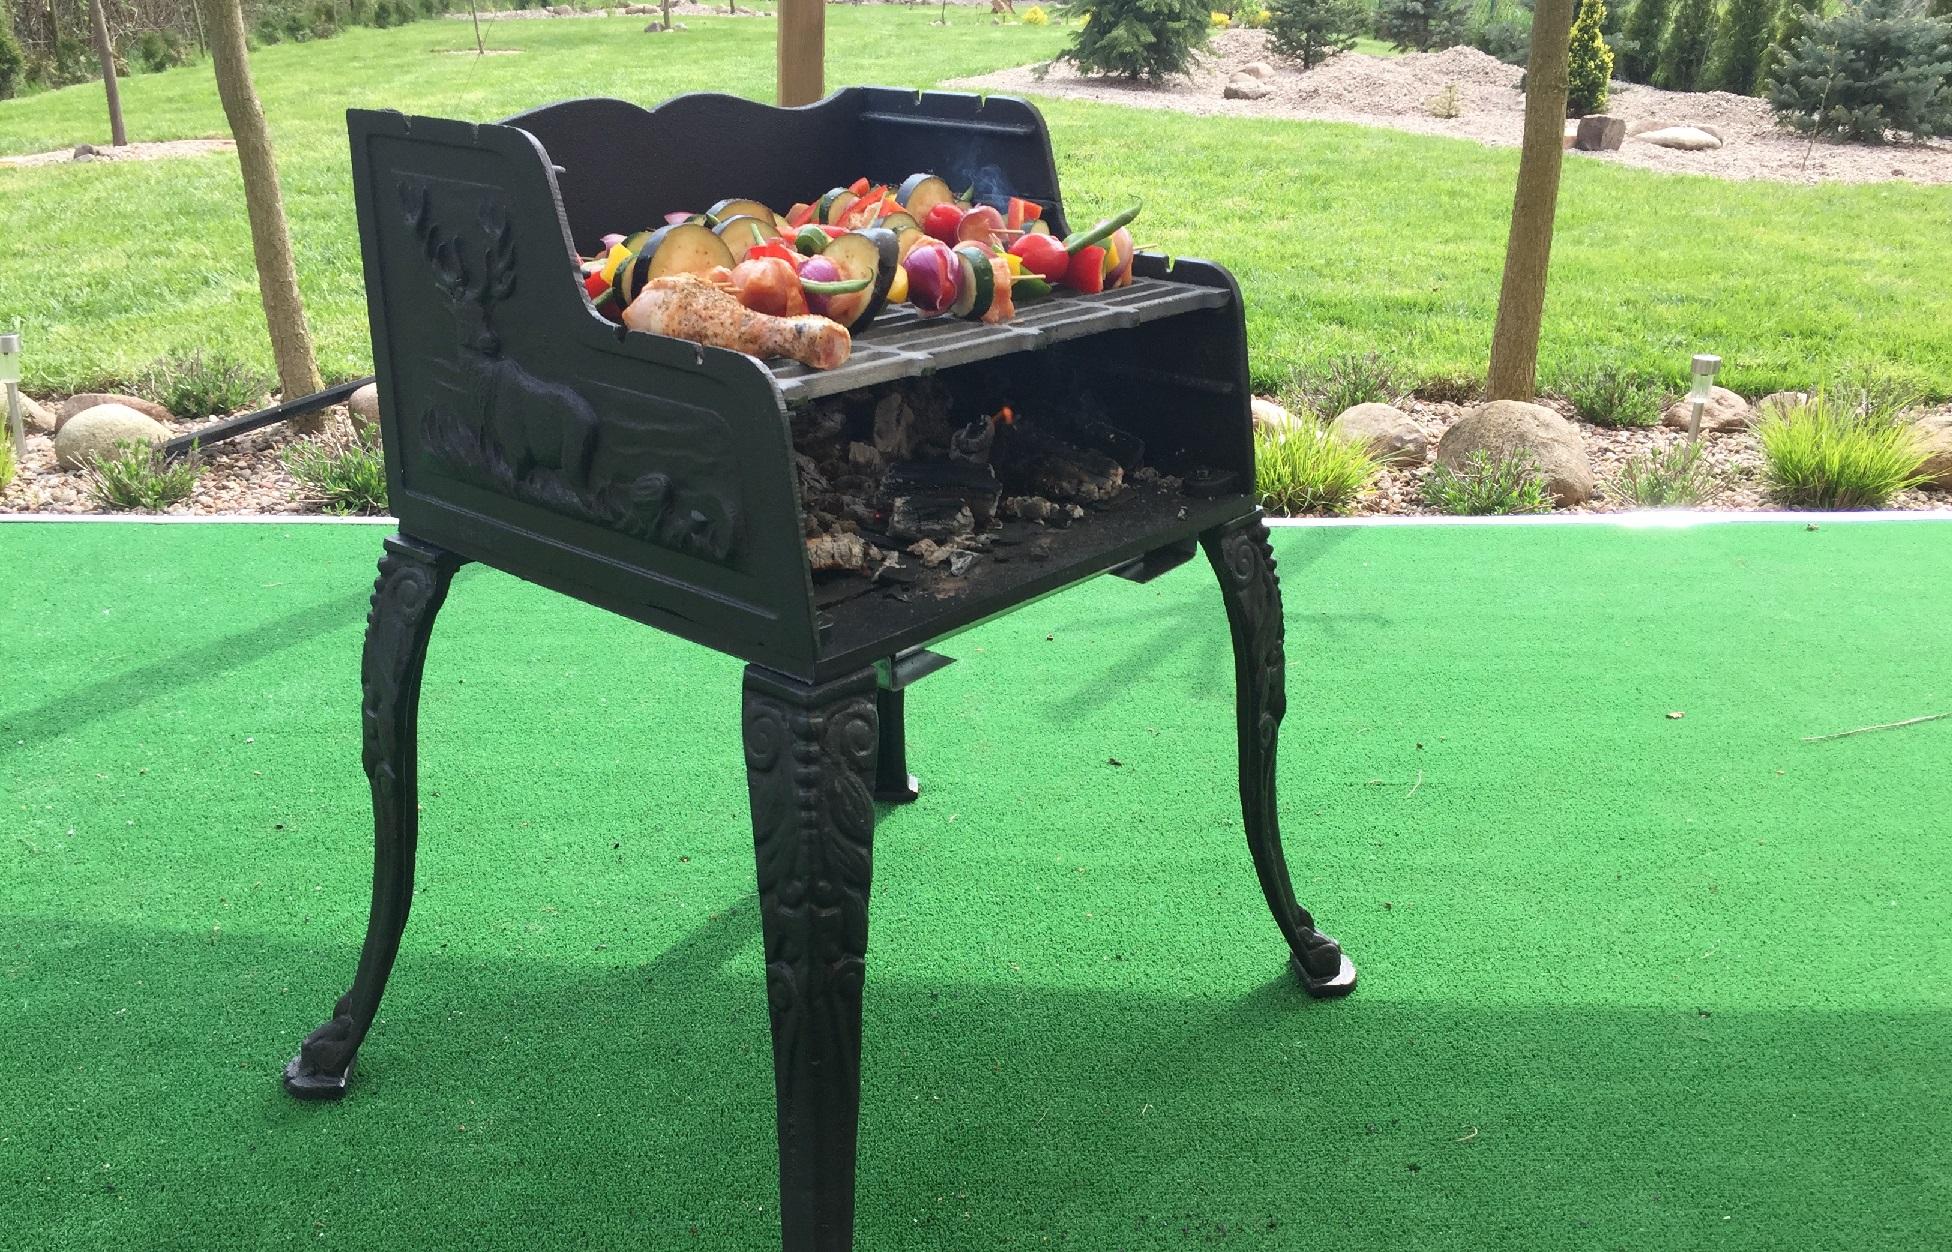 gu eisen grill holzkohle standgrill gartengrill holzkohlegrill barbecue garten. Black Bedroom Furniture Sets. Home Design Ideas